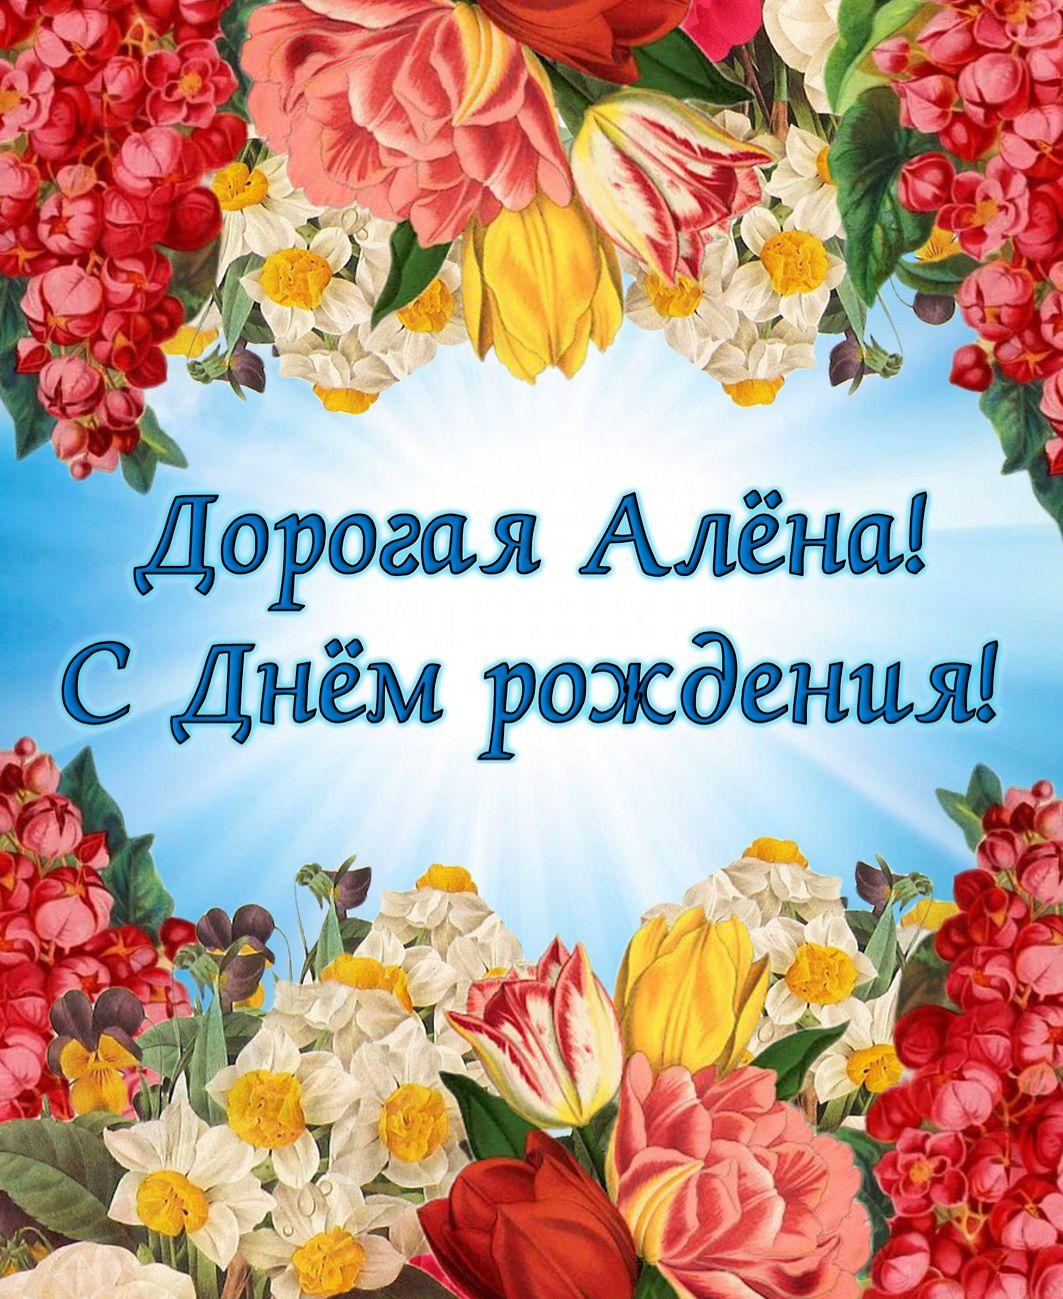 Поздравление алене с днем рождения открытки с днем рождения, посвященные